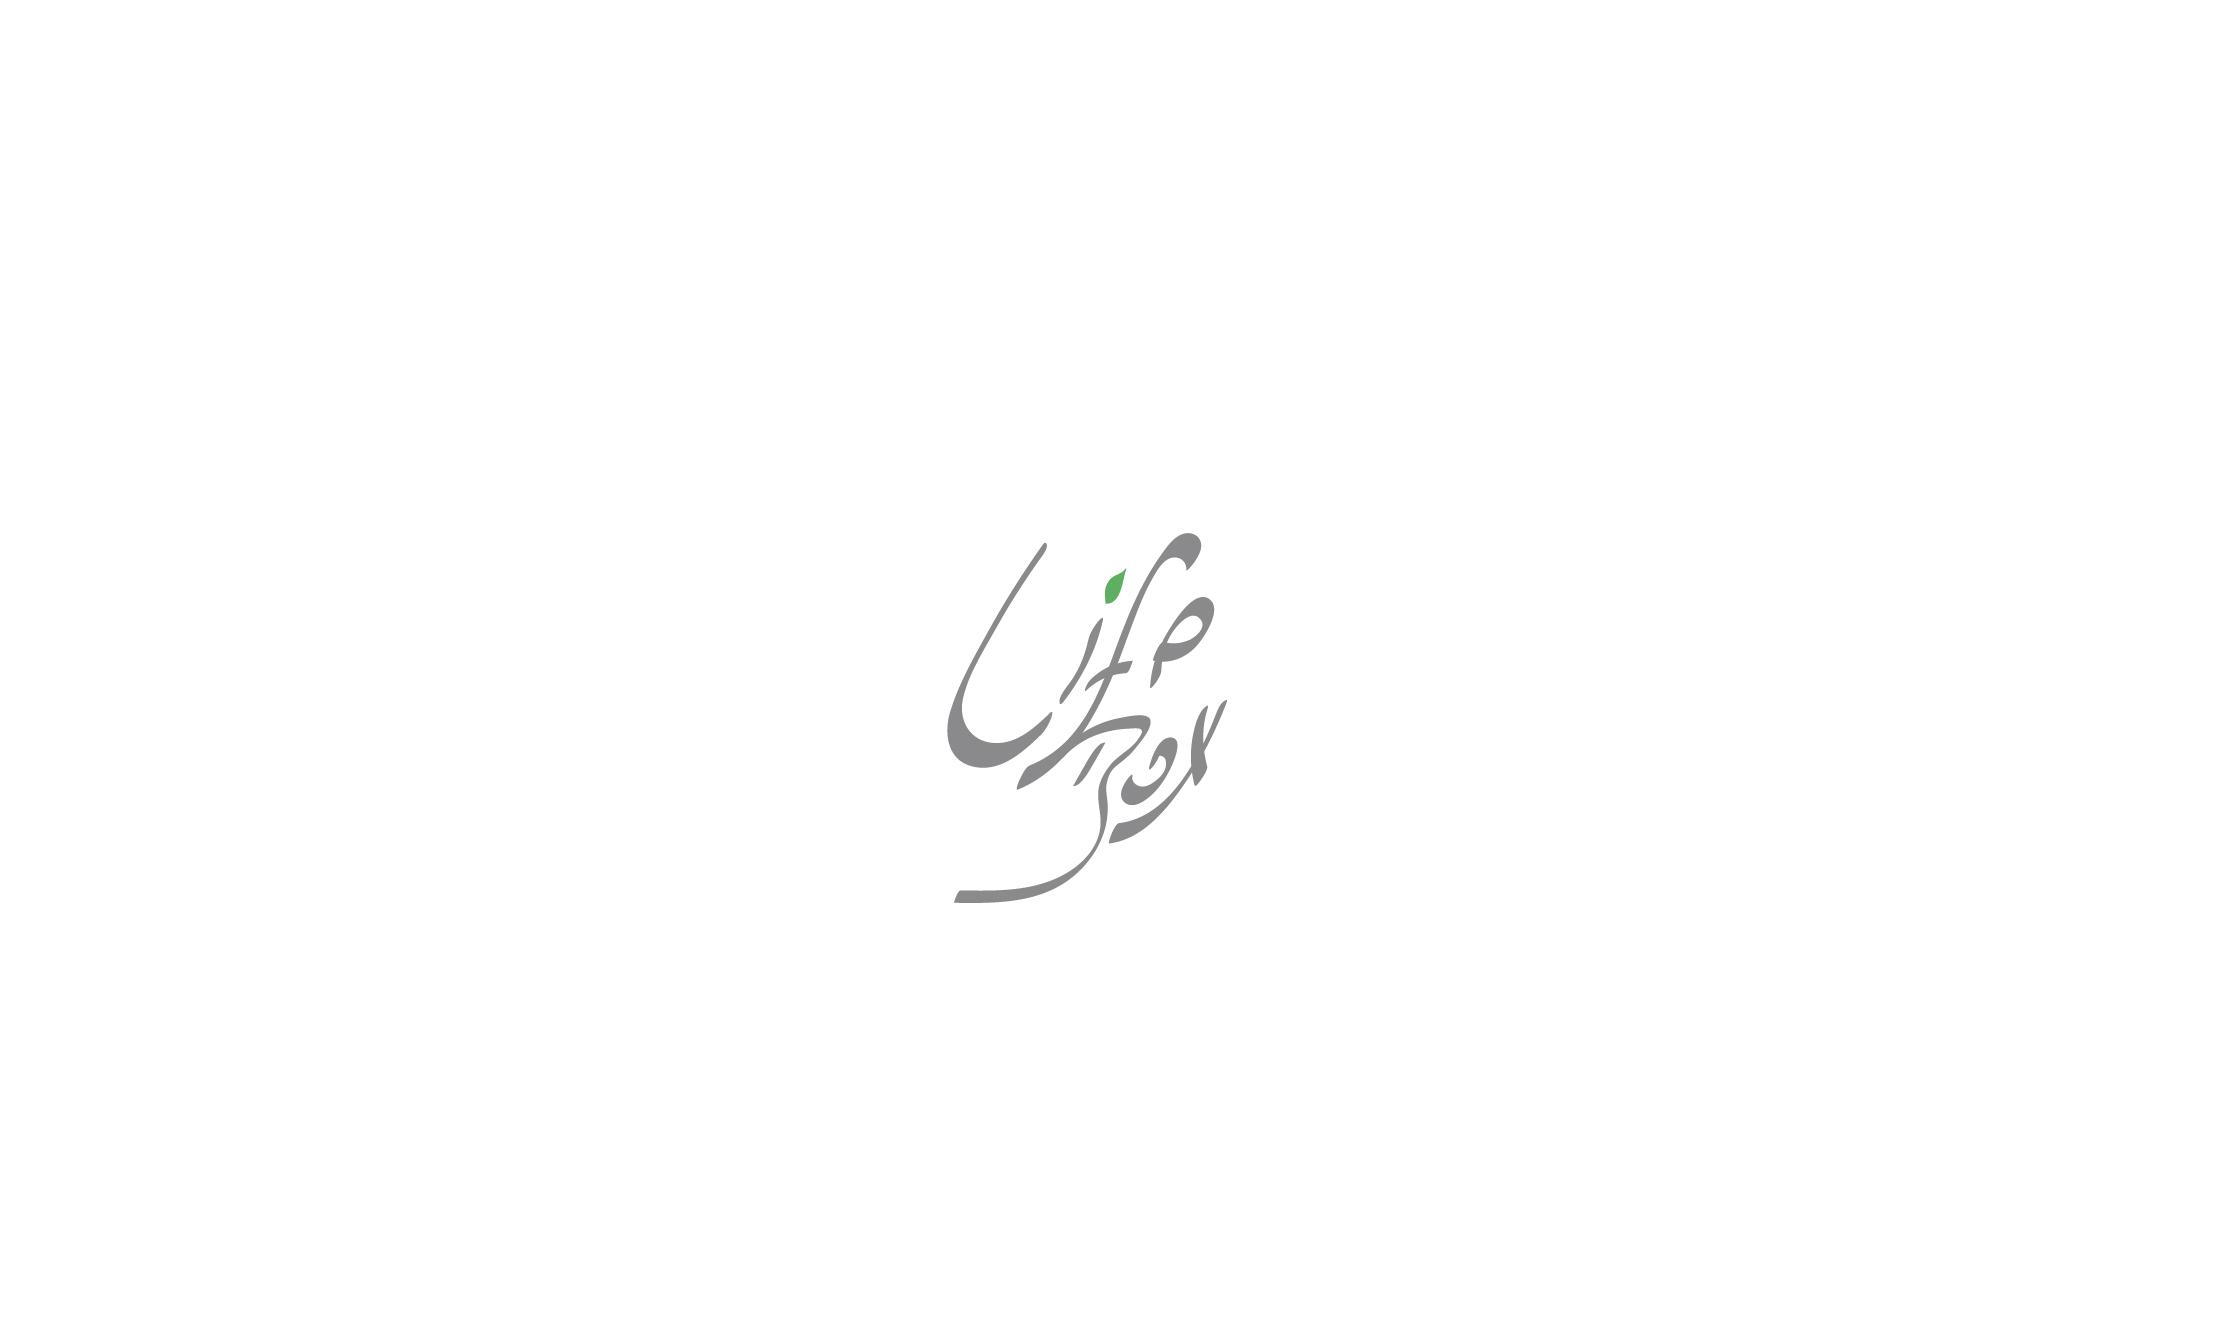 Разработка Логотипа. Победитель получит расширеный заказ  фото f_1375c26a7830e31b.jpg